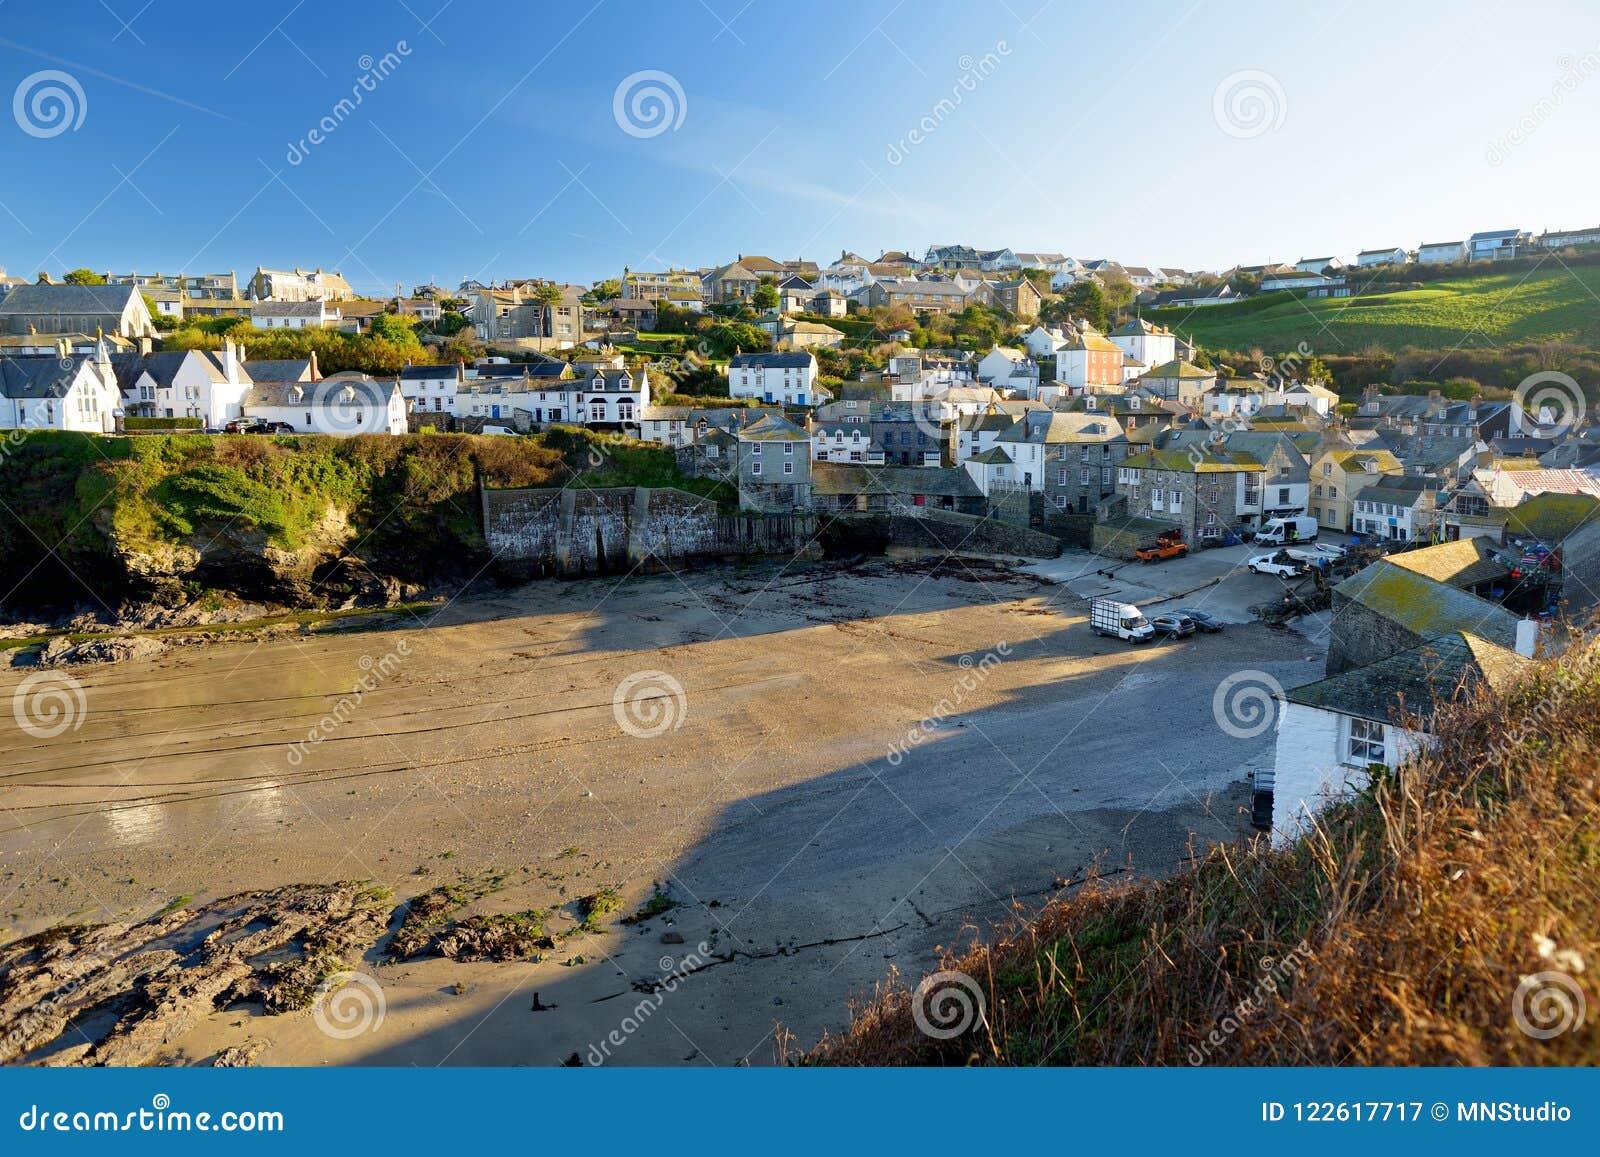 Перенесите Исаак, малый и живописный рыбацкий поселок на атлантическом побережье северного Корнуолла, Англии, Великобритании, изв